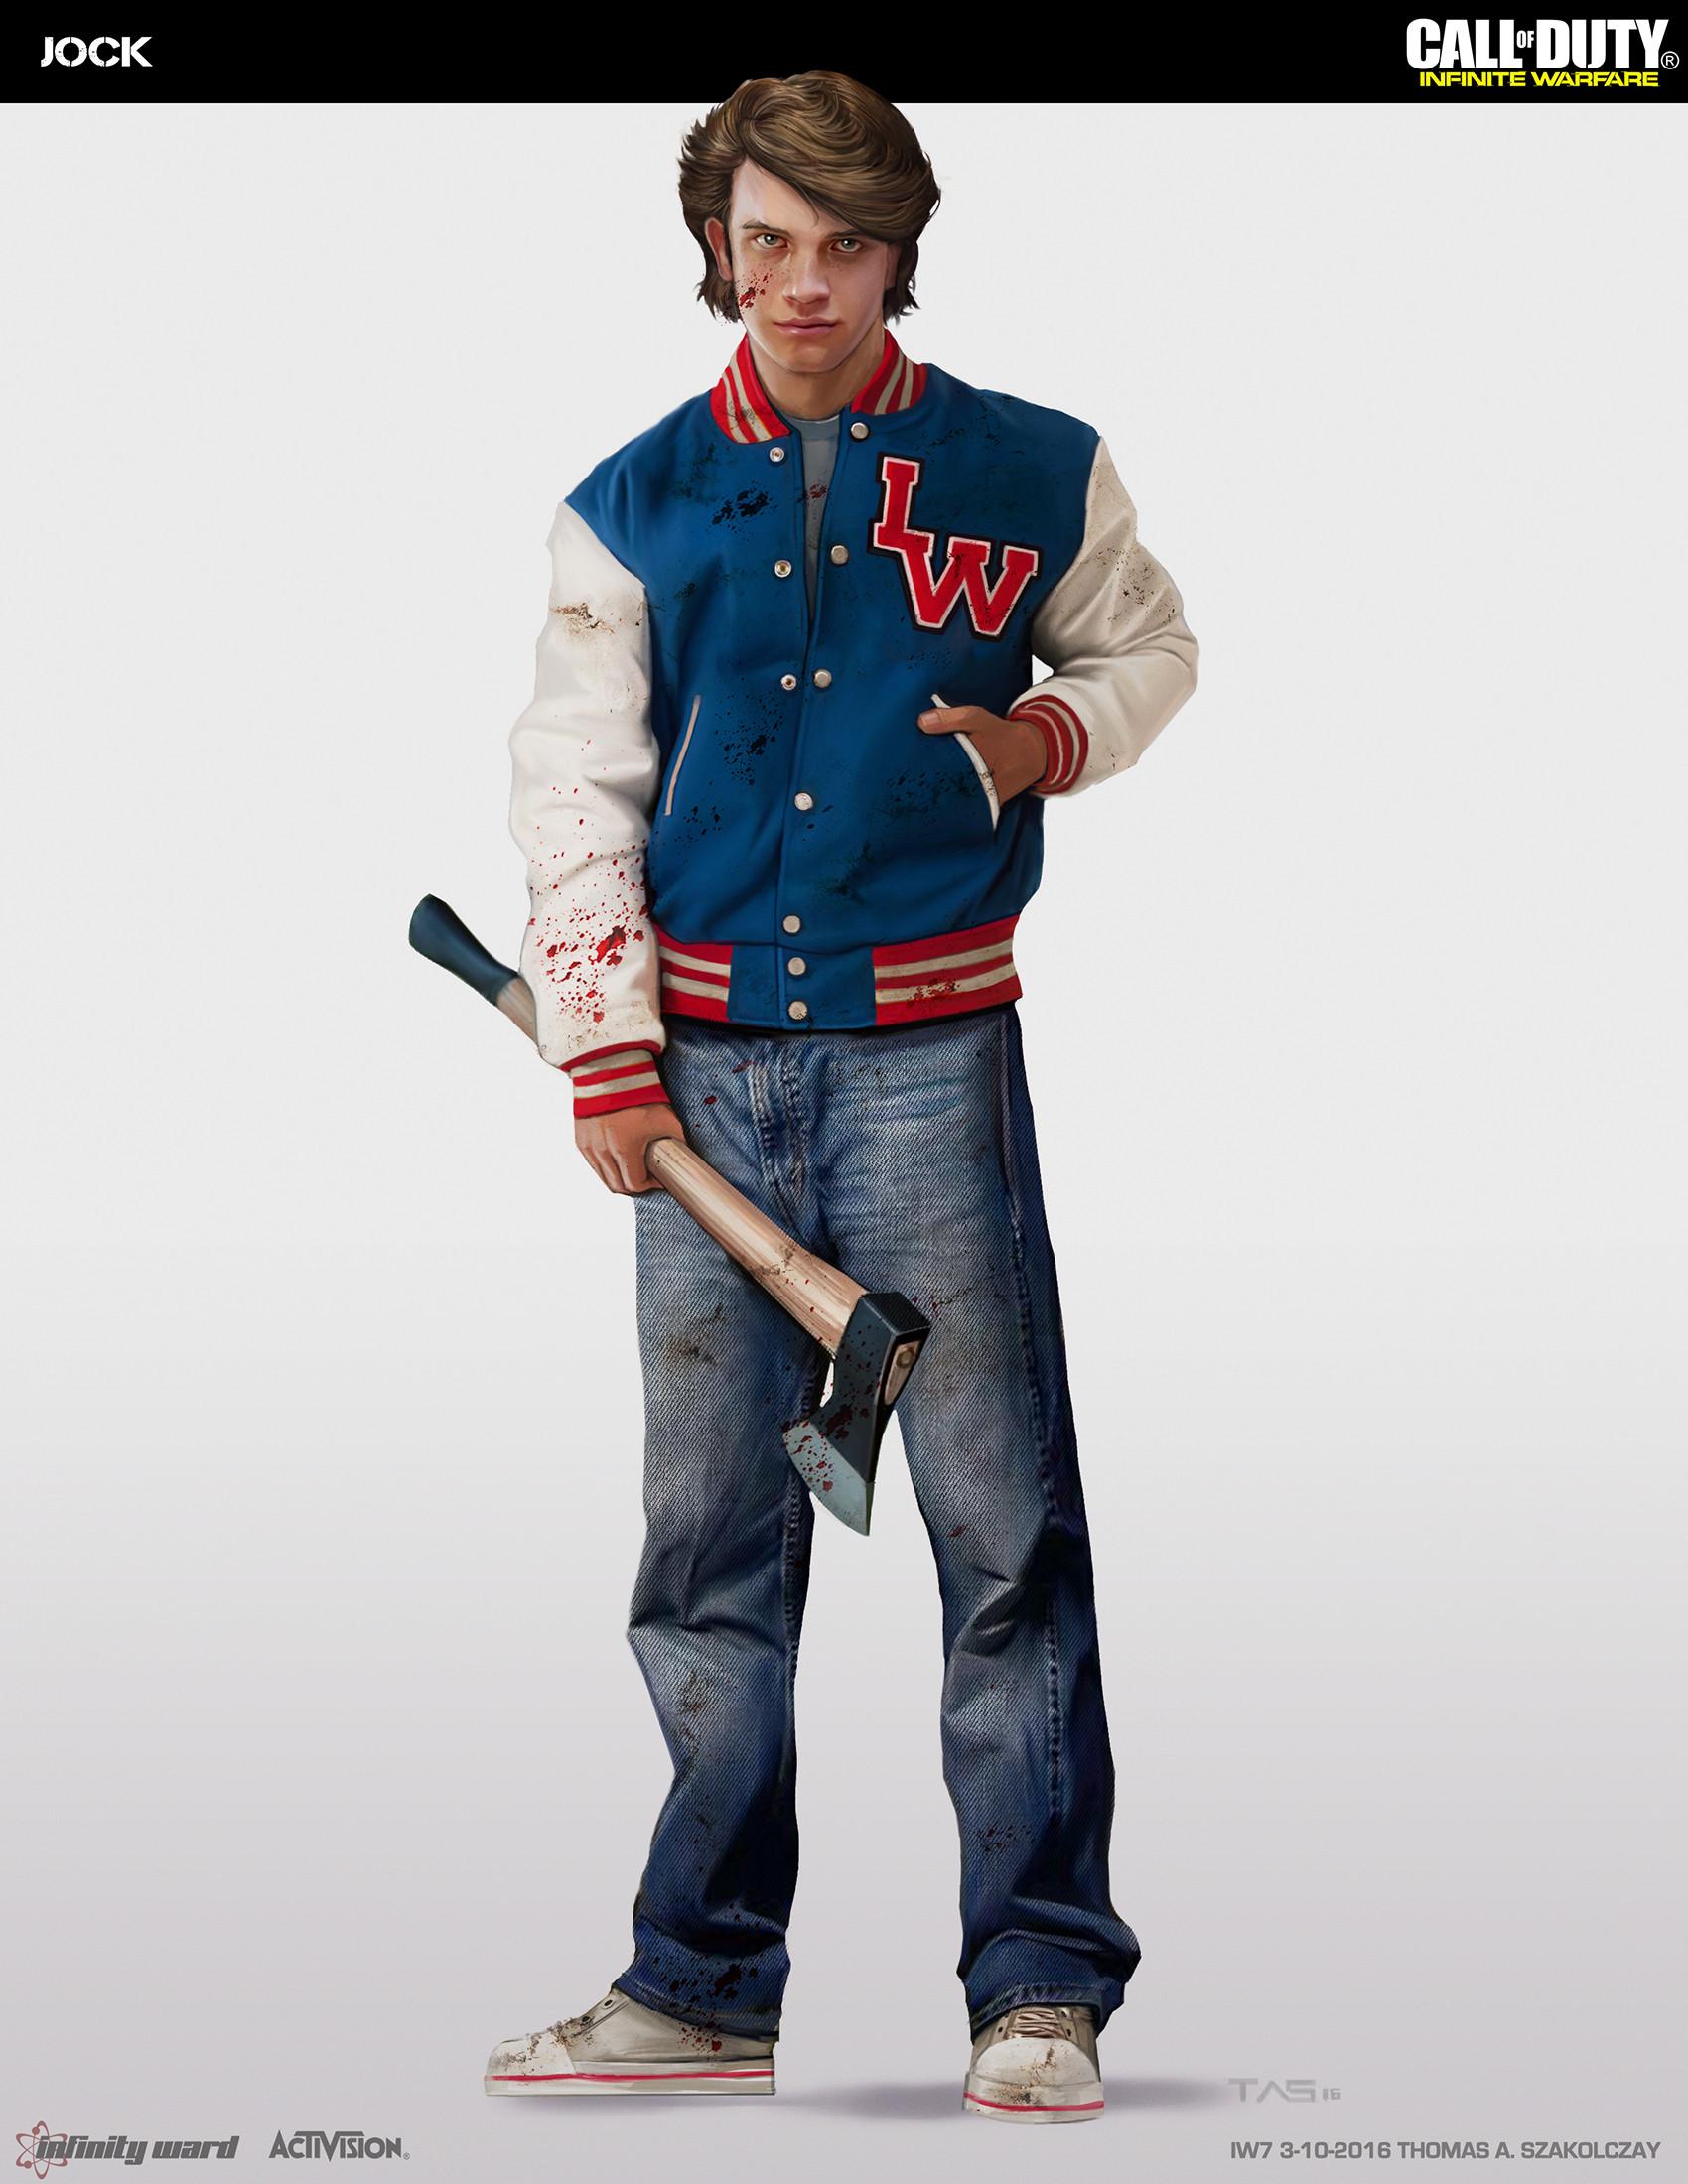 Thomas a szakolczay zom maincast jock